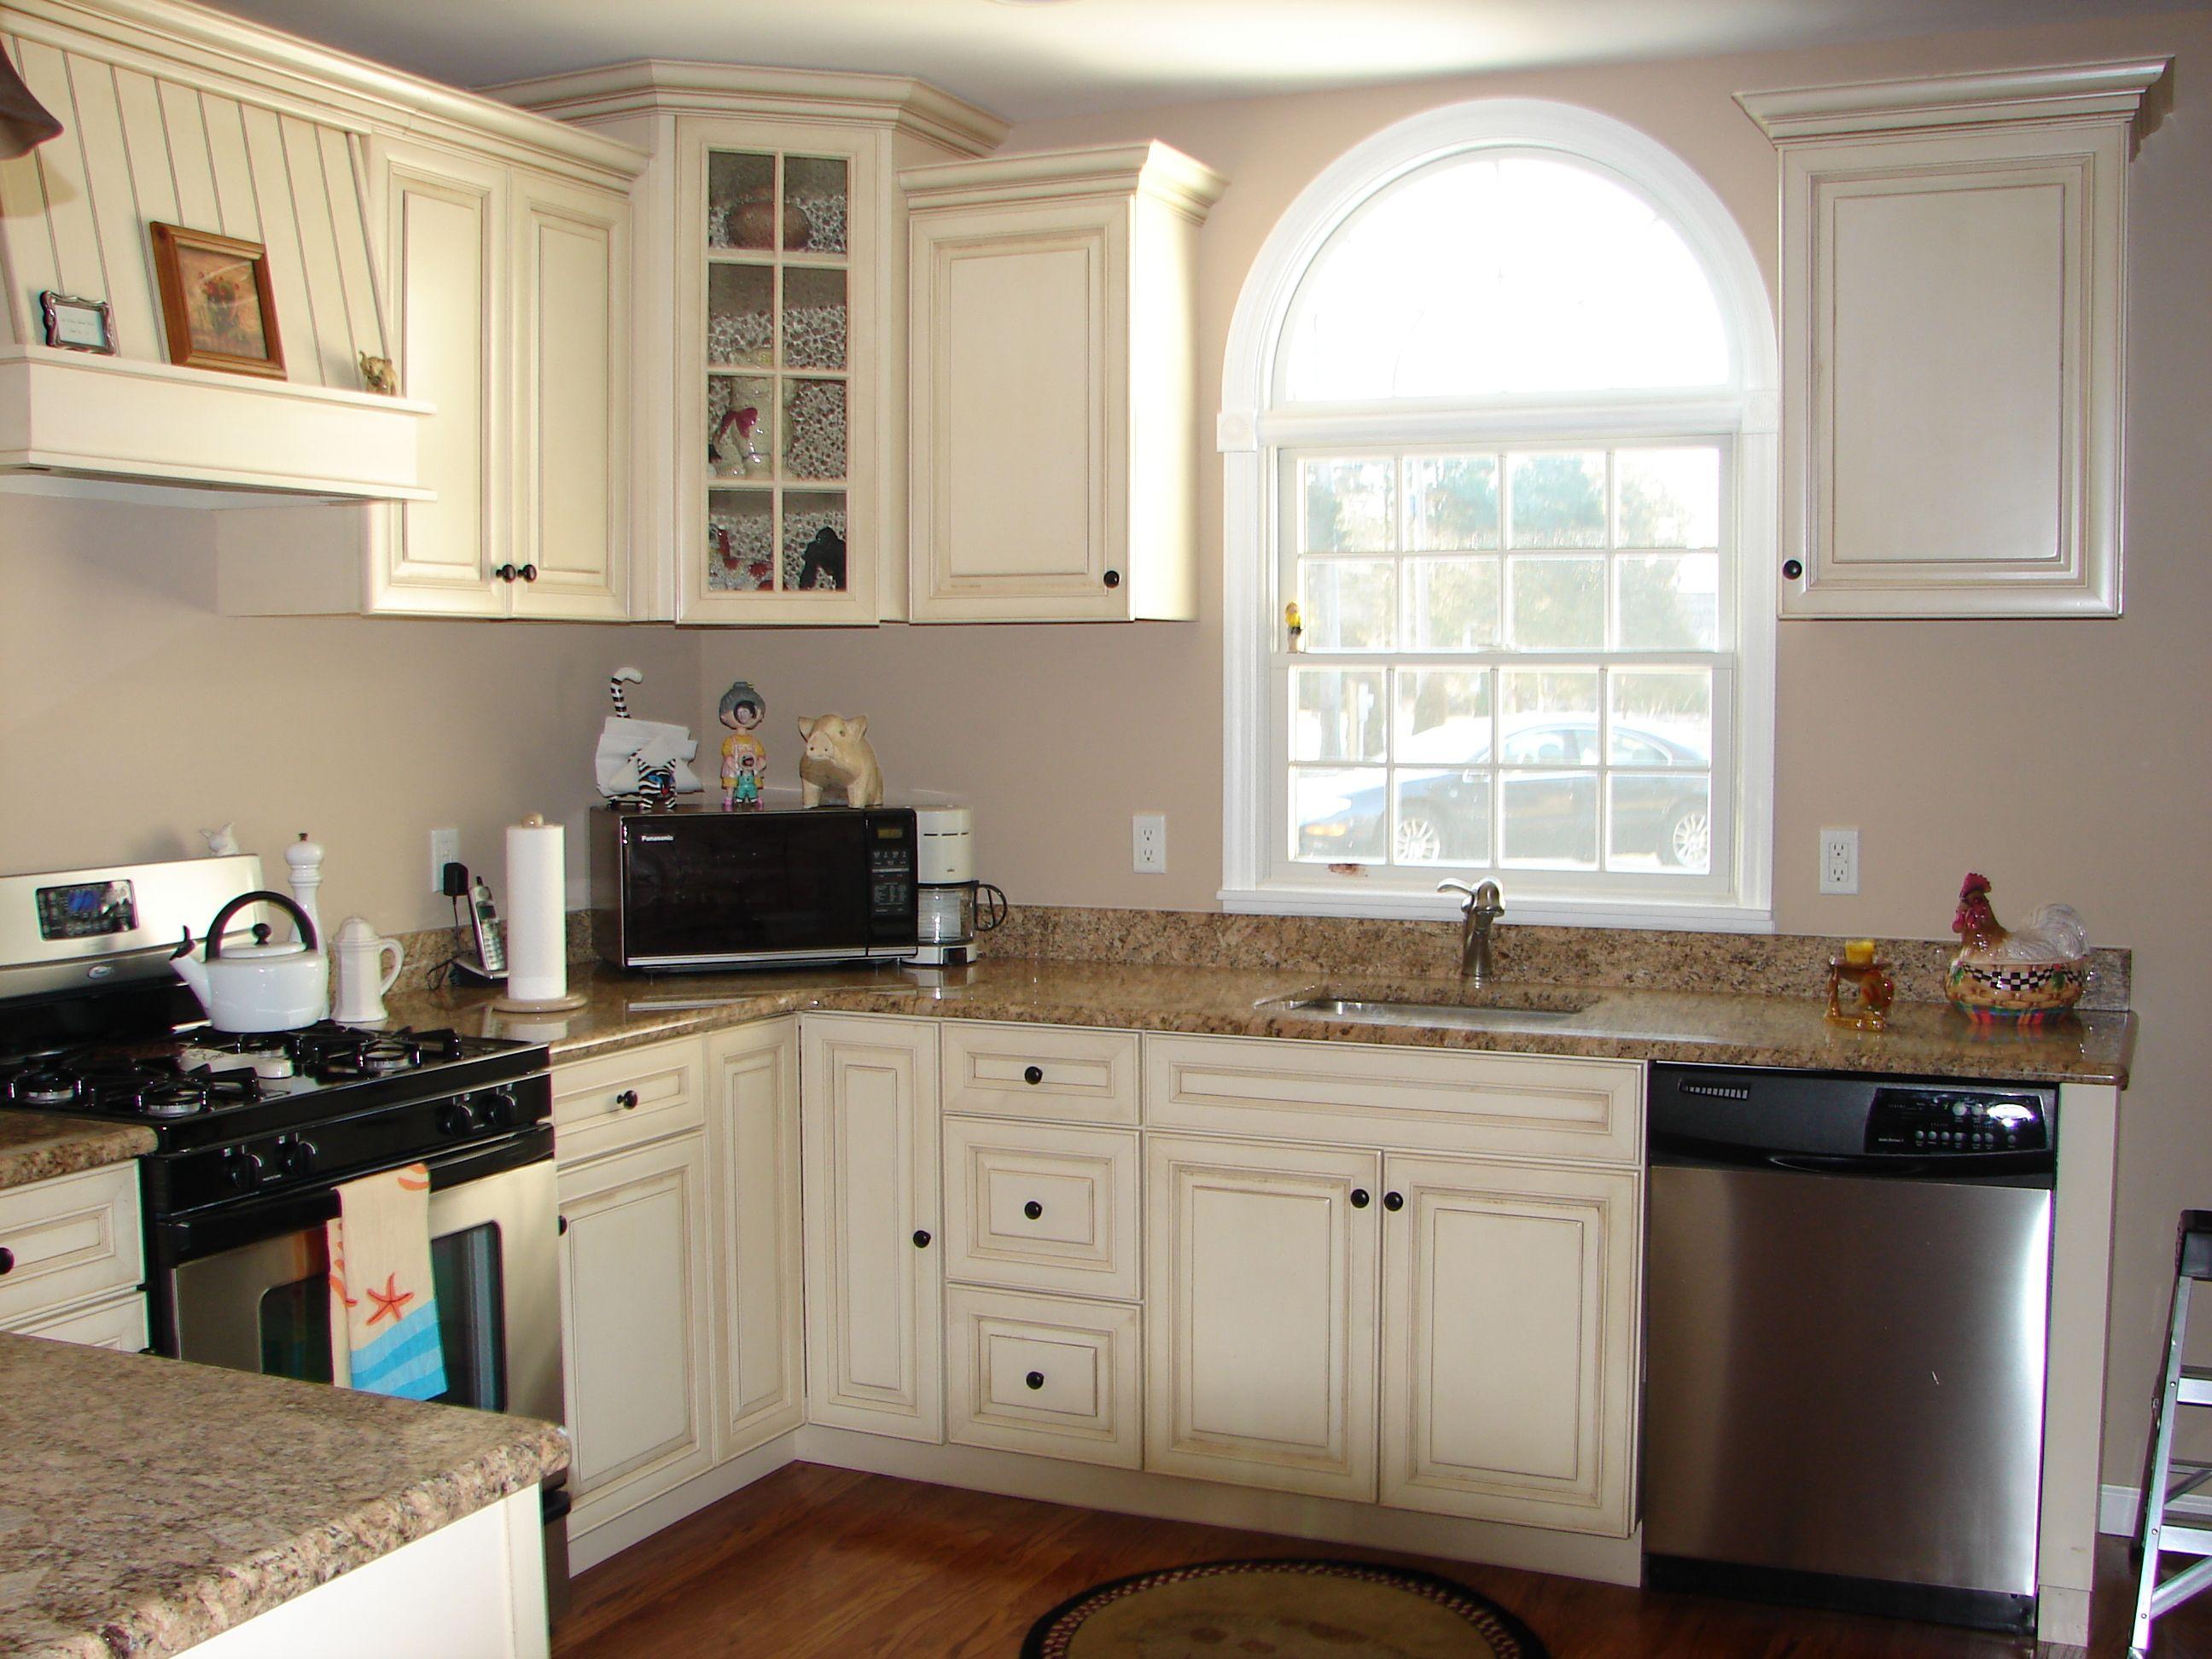 Kitchens Baths Grey Kitchen Walls Kitchen Cabinets Grey